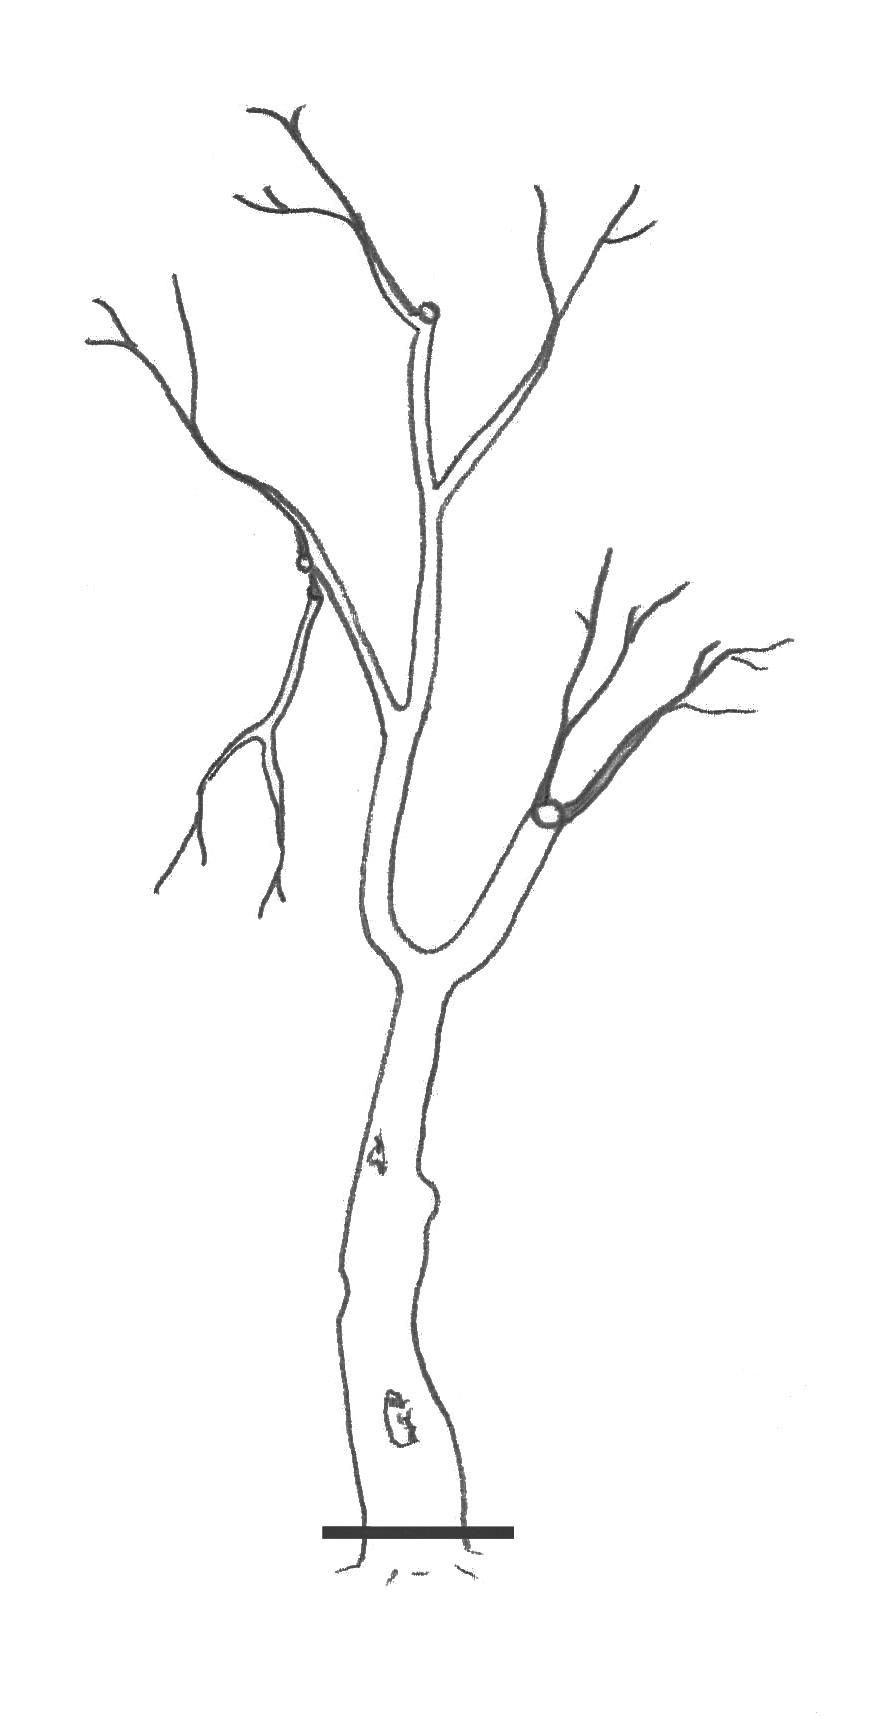 Le recépage consiste à couper un arbre ou un arbuste à proximité du collet.